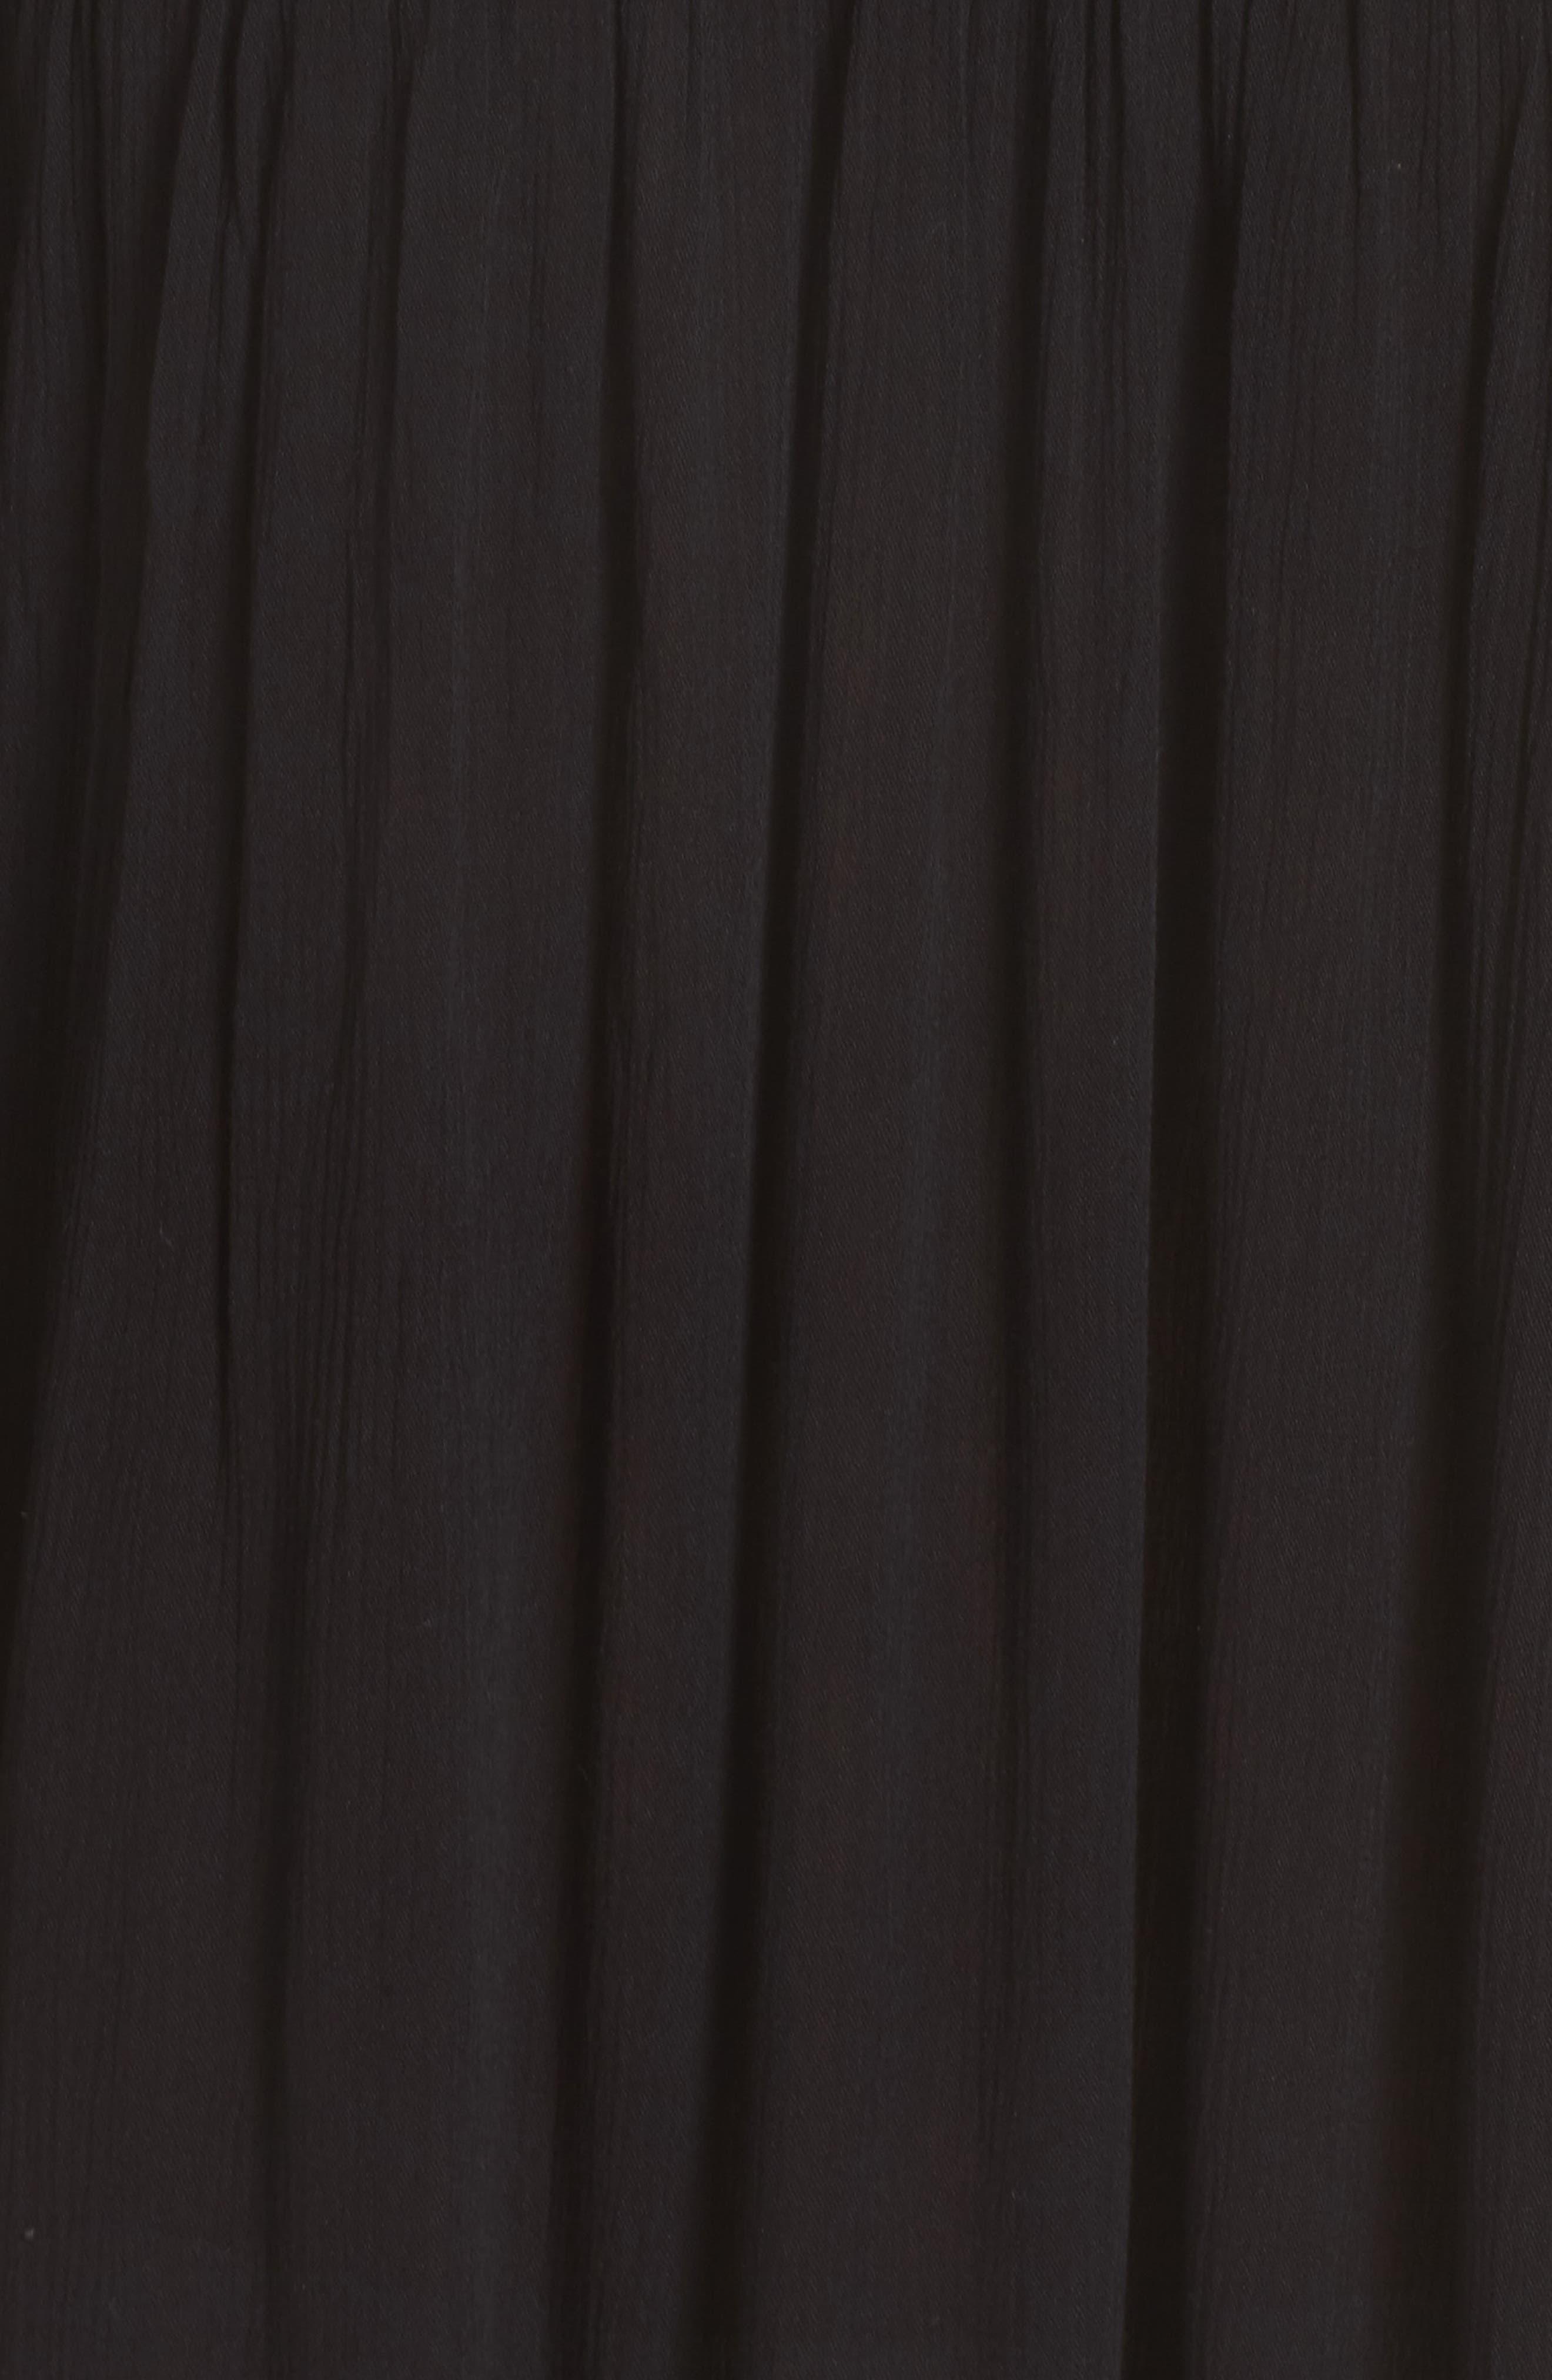 Rimini Crochet Cover-Up Dress,                             Alternate thumbnail 5, color,                             Black